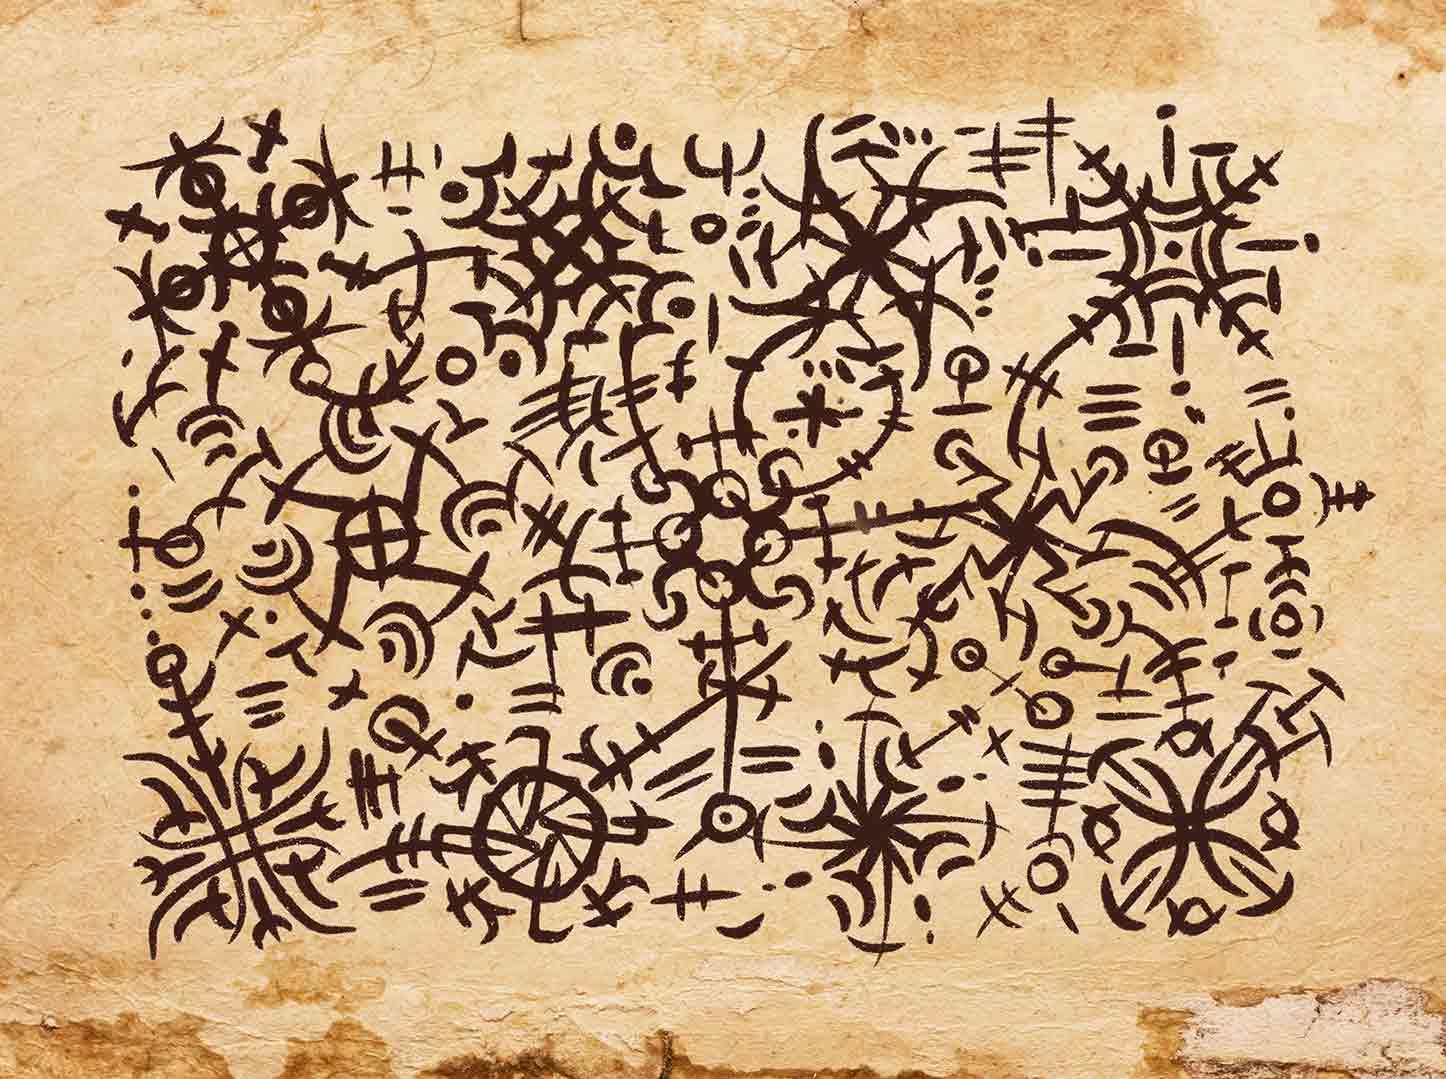 reperto su pergamena che mostra la lingua scritta degli orkran